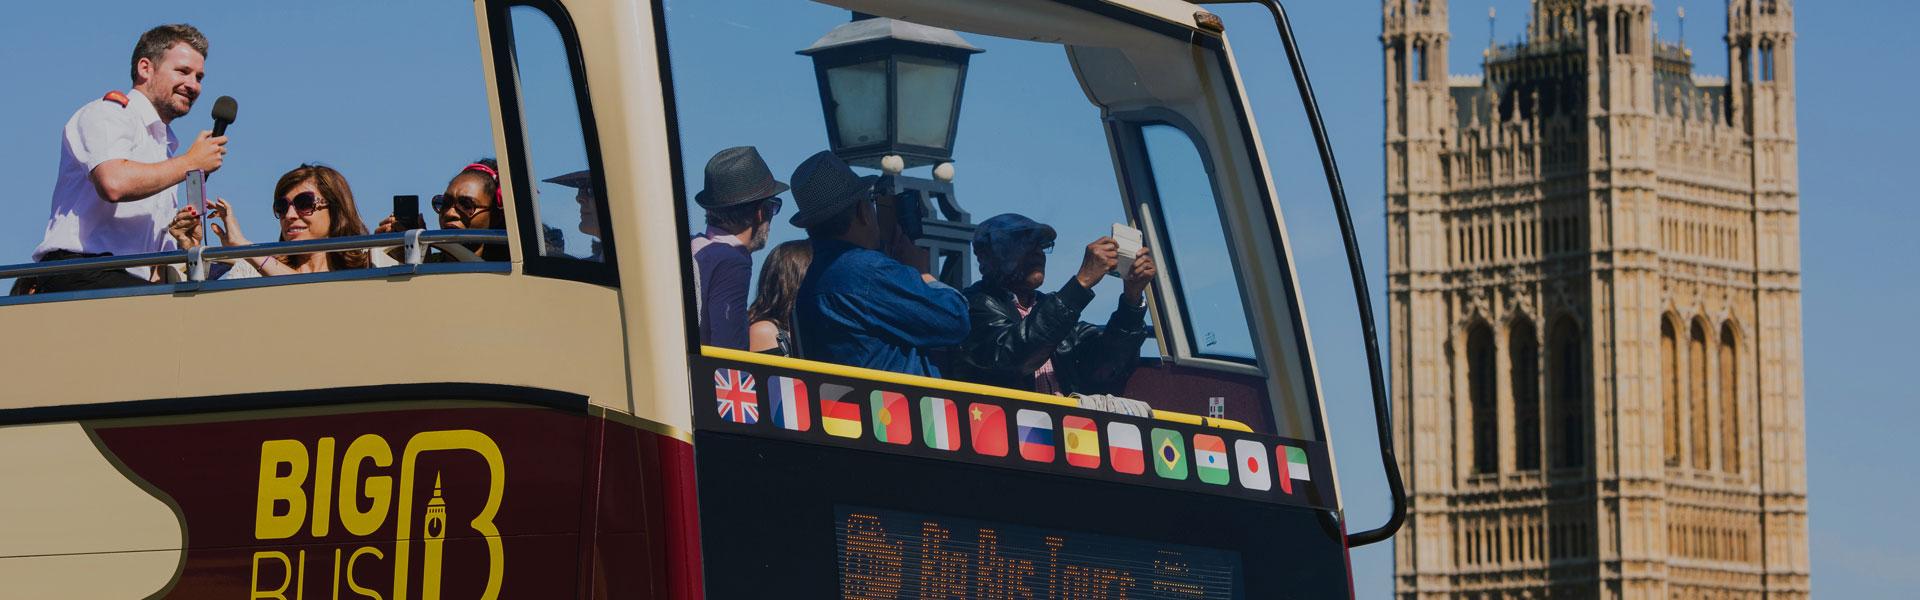 Tour en autobús descapotable de Big Bus Tours por Londres